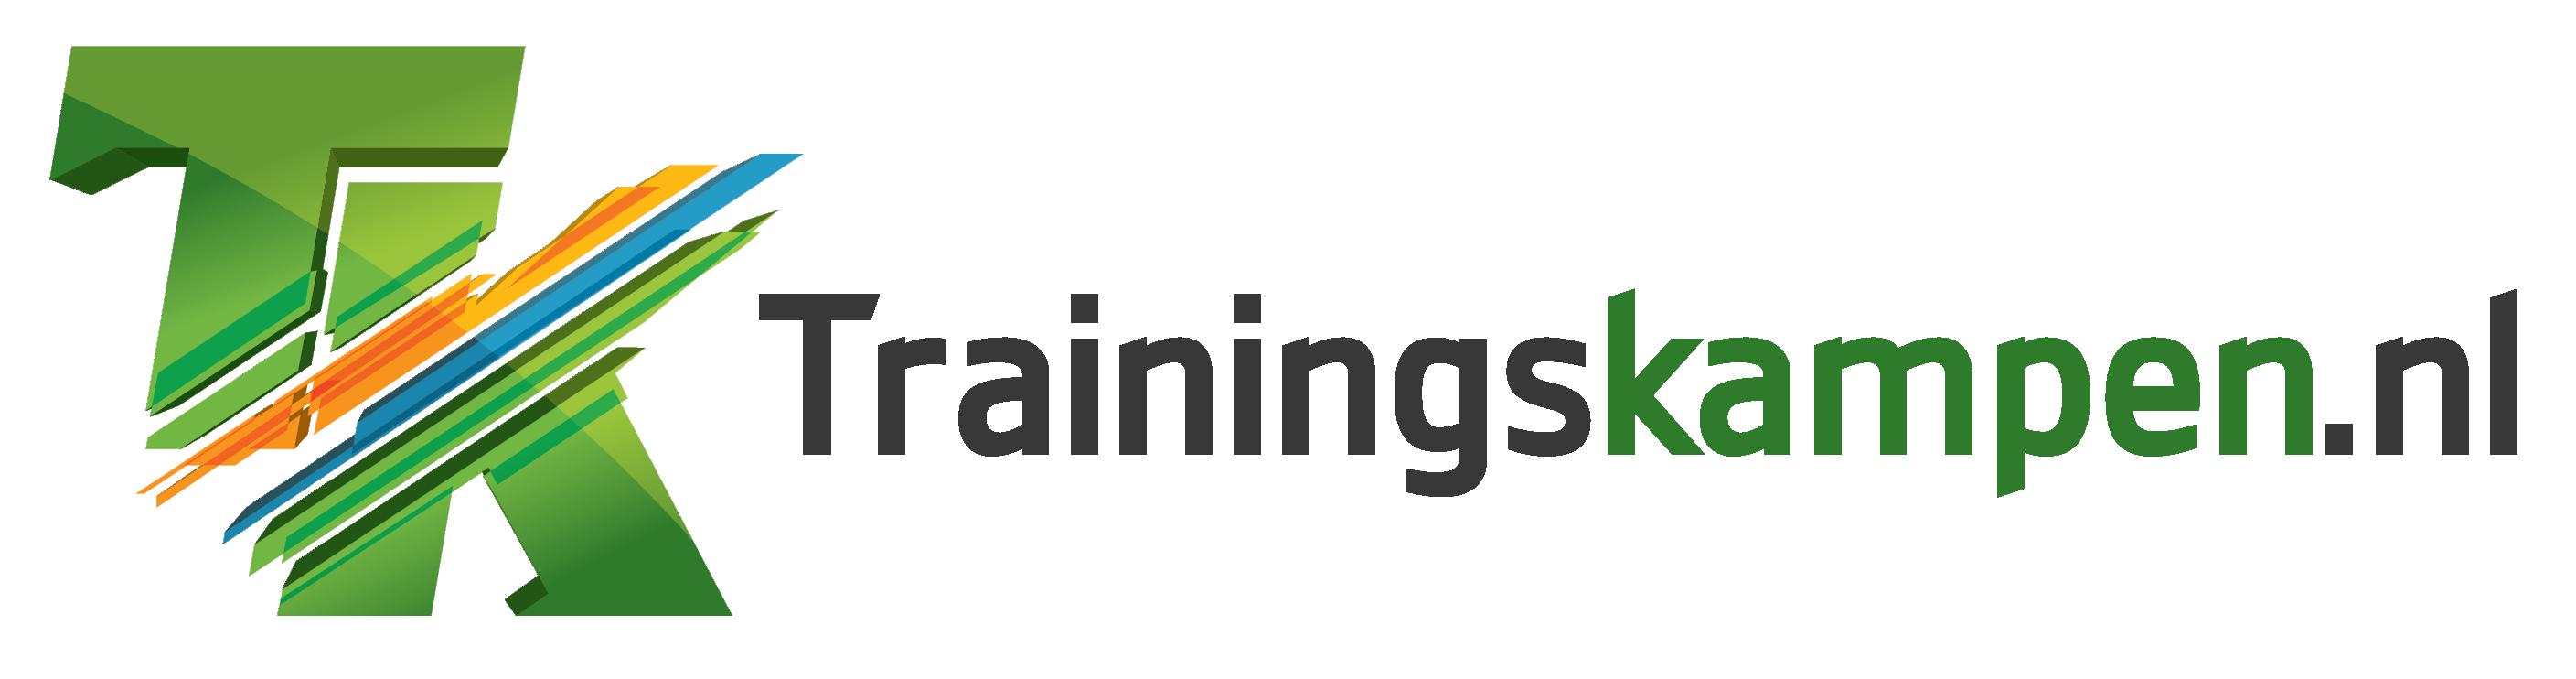 Bergen op Zoom - Trainingskampen